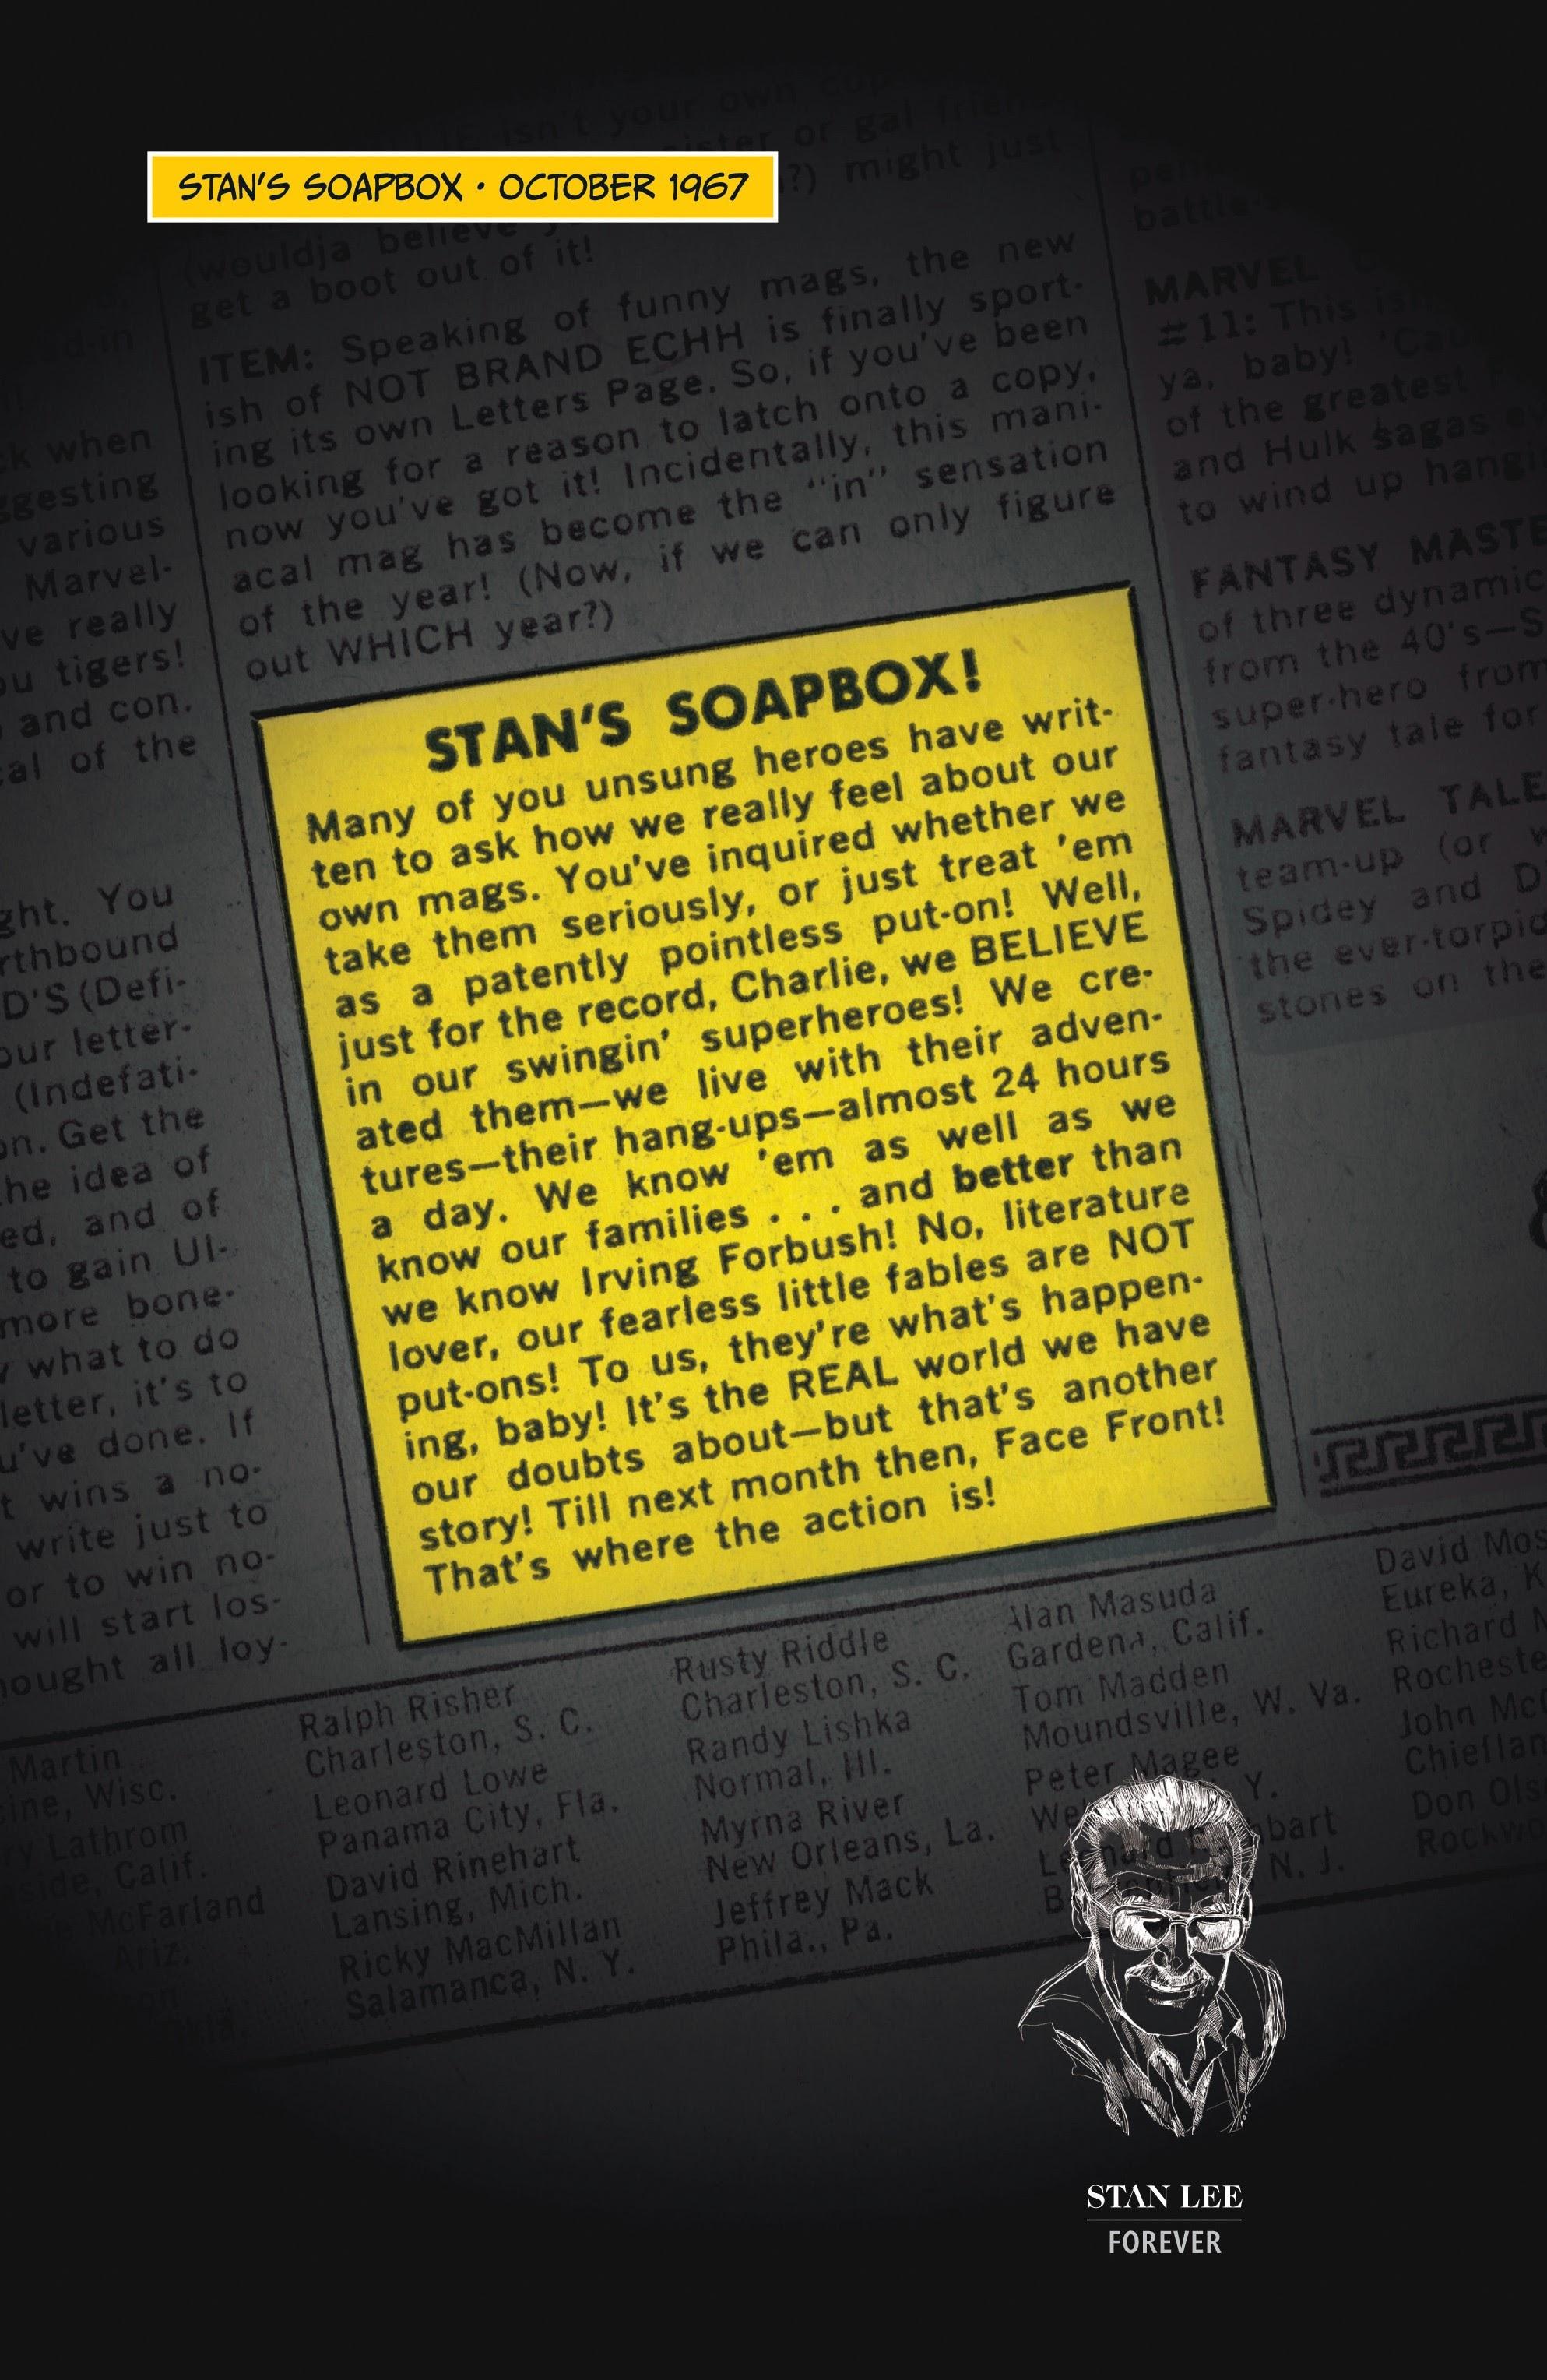 Superior Spider-Man (2019) issue 5 - Page 21